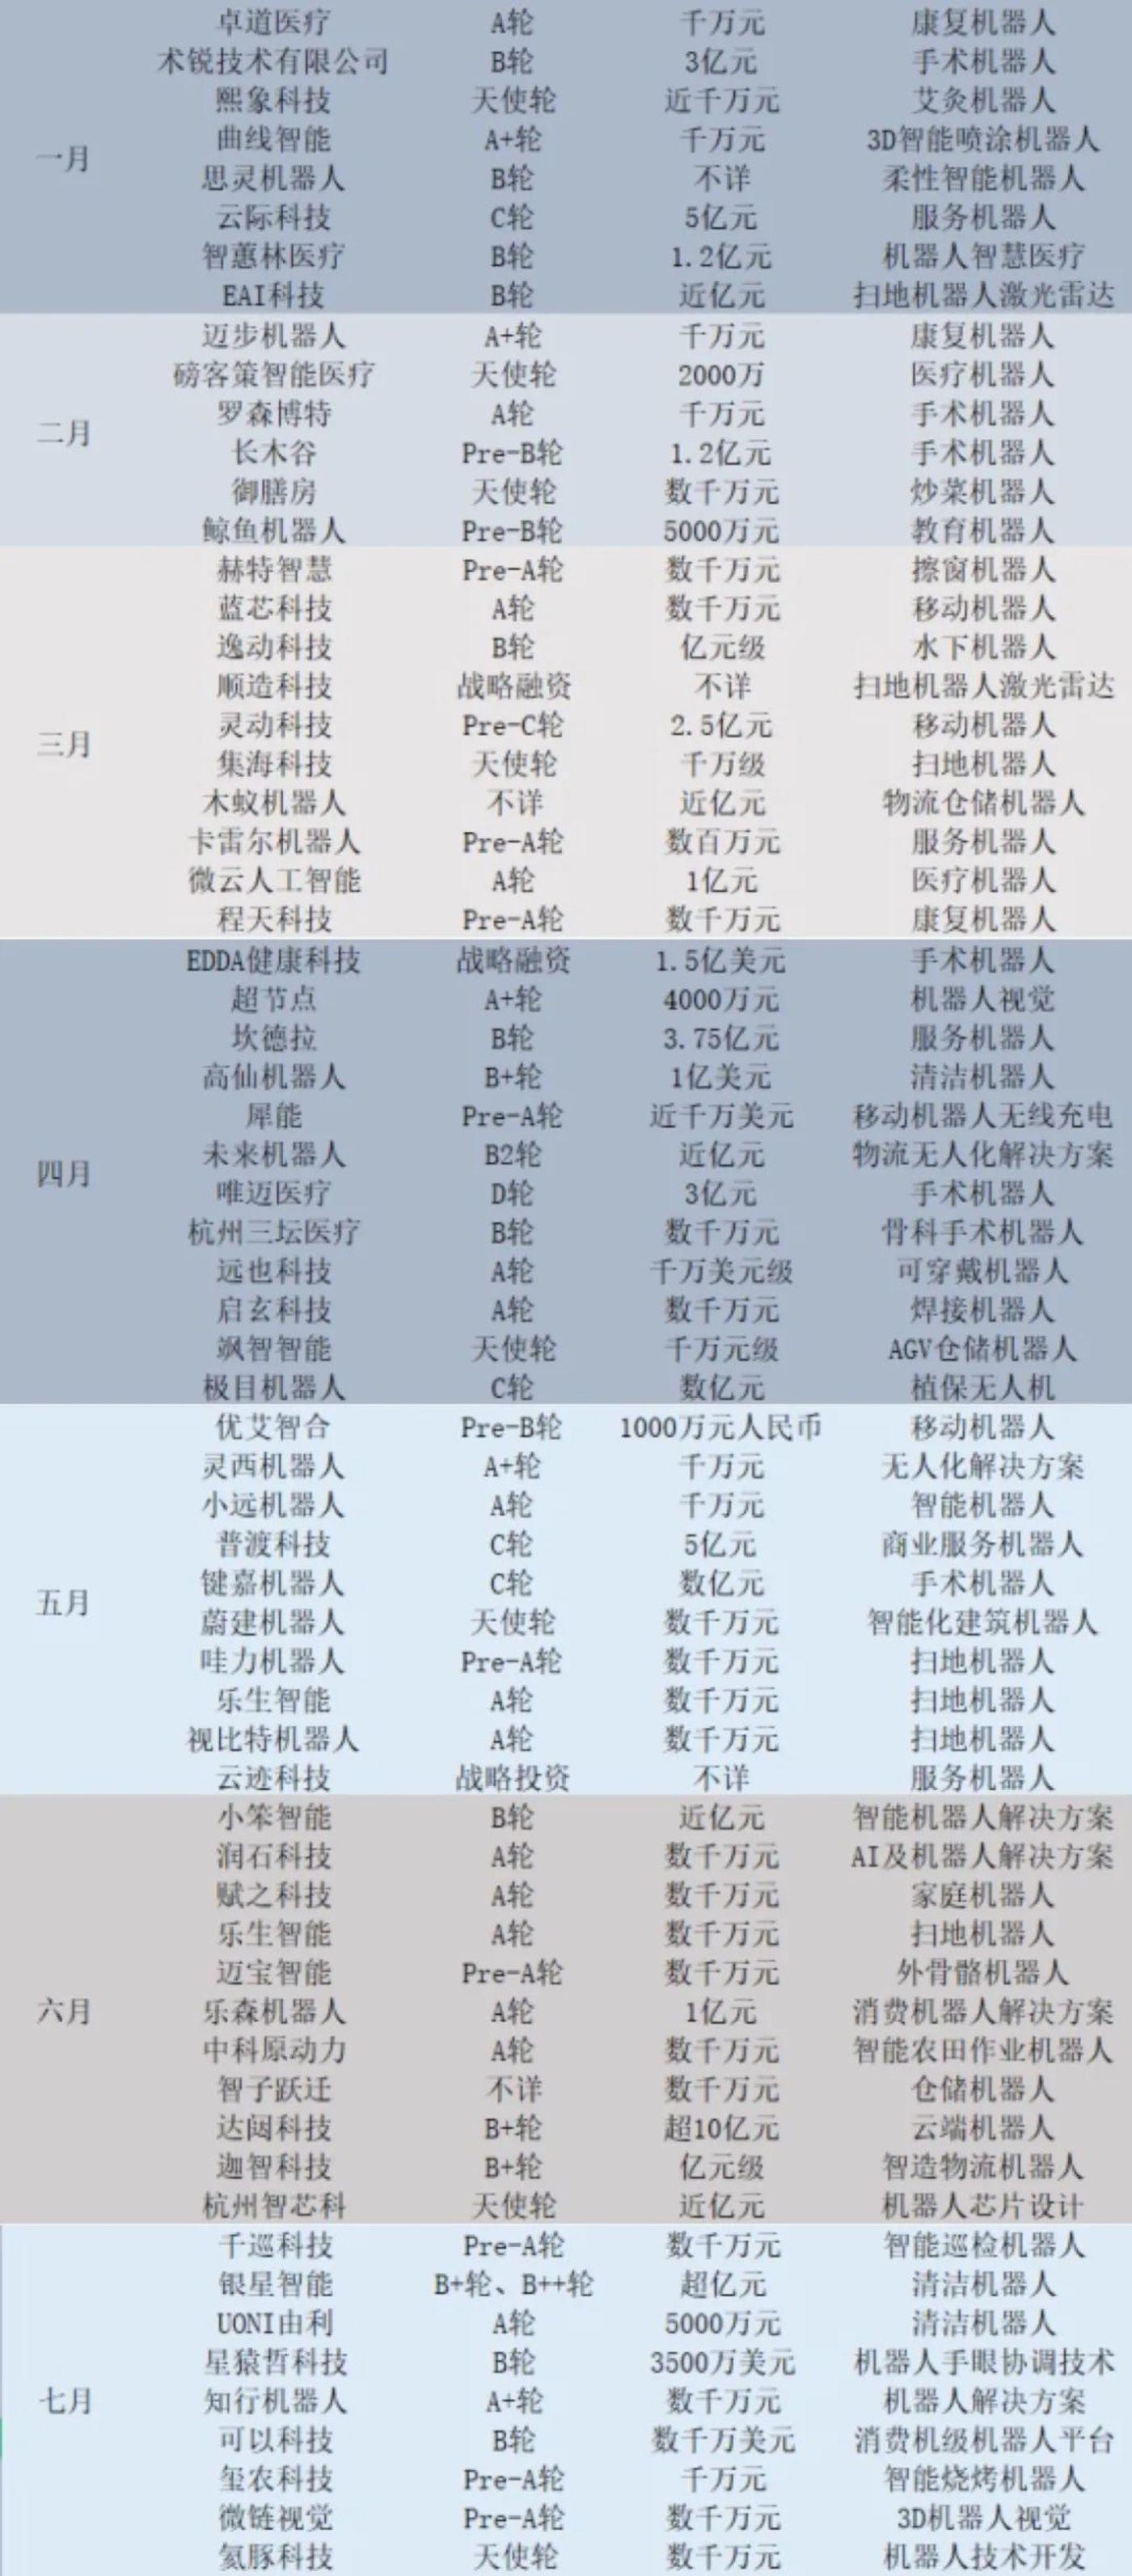 (融资信息来自企查查,商业数据派整理)